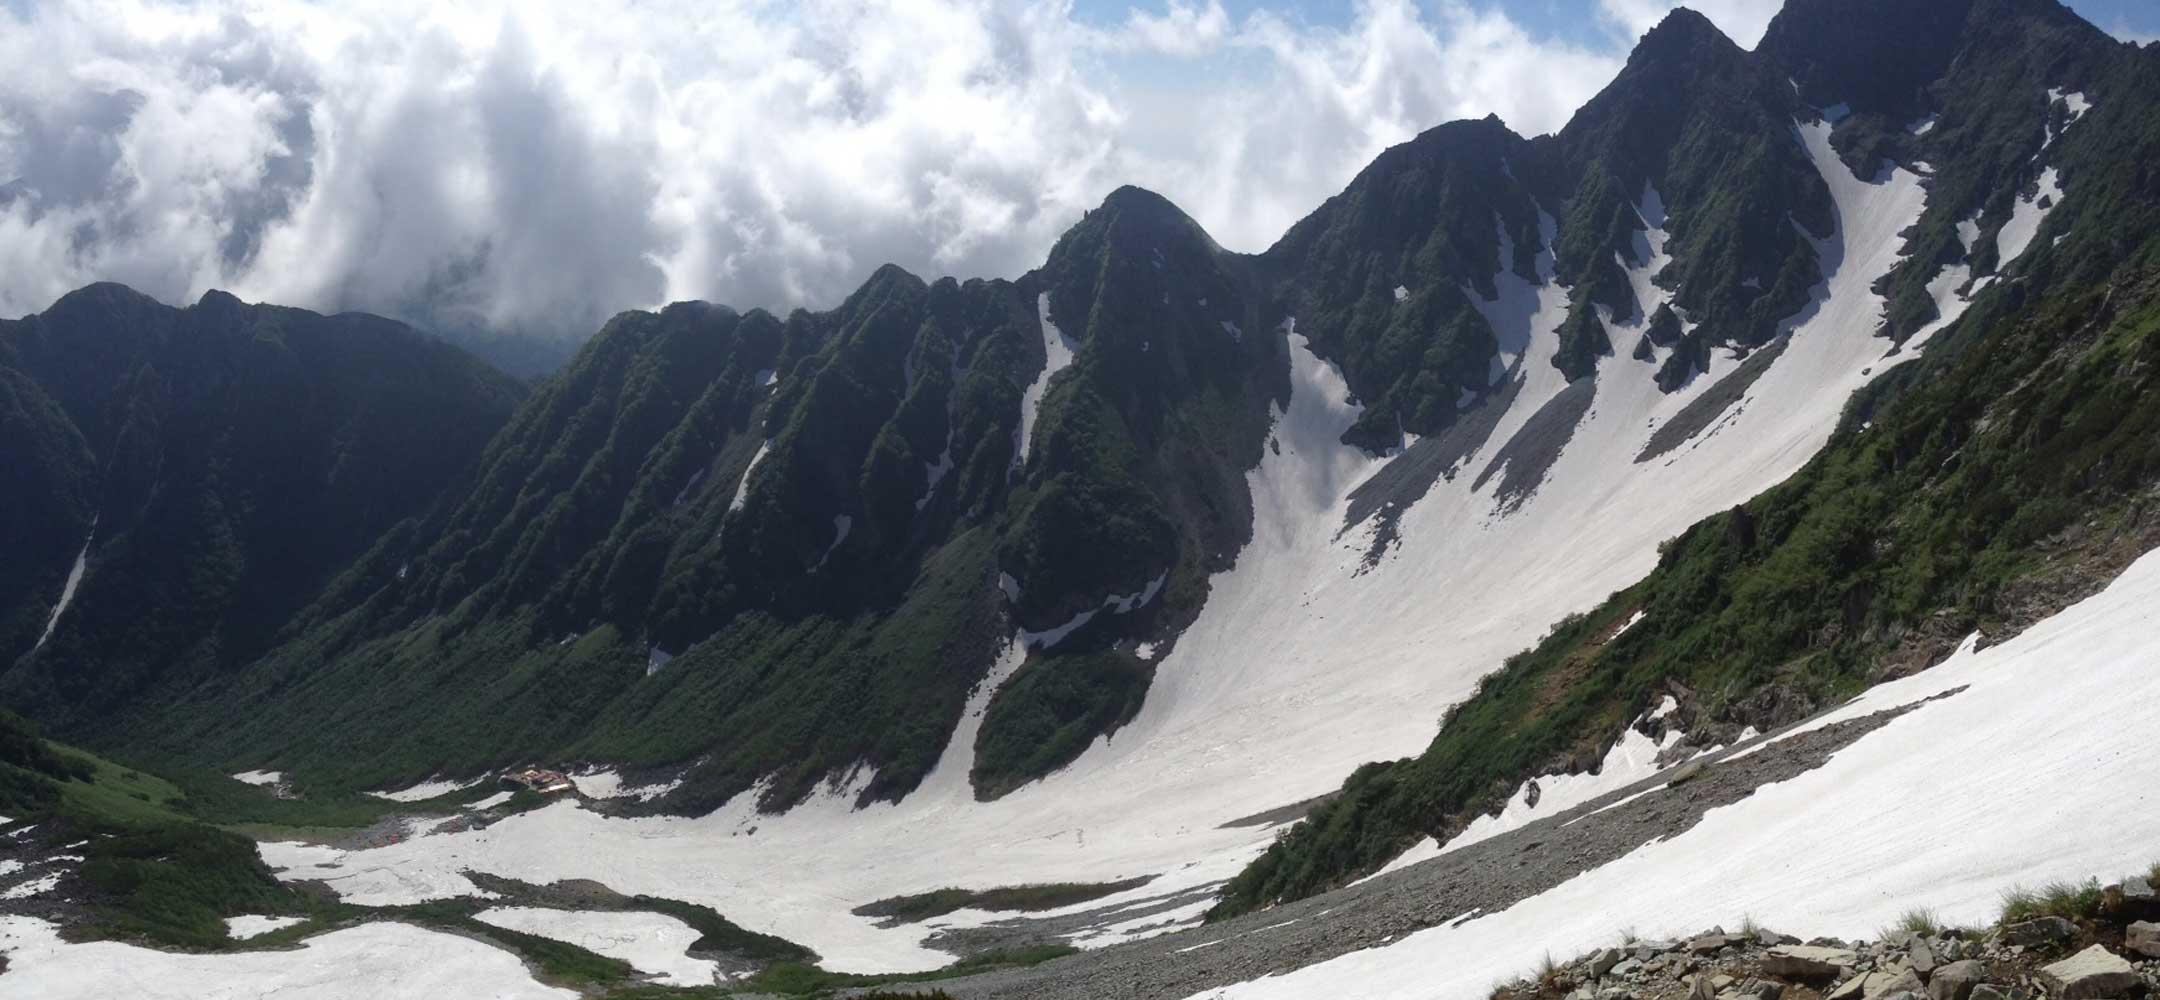 Japan Alps Chubu Inside Japan Tours